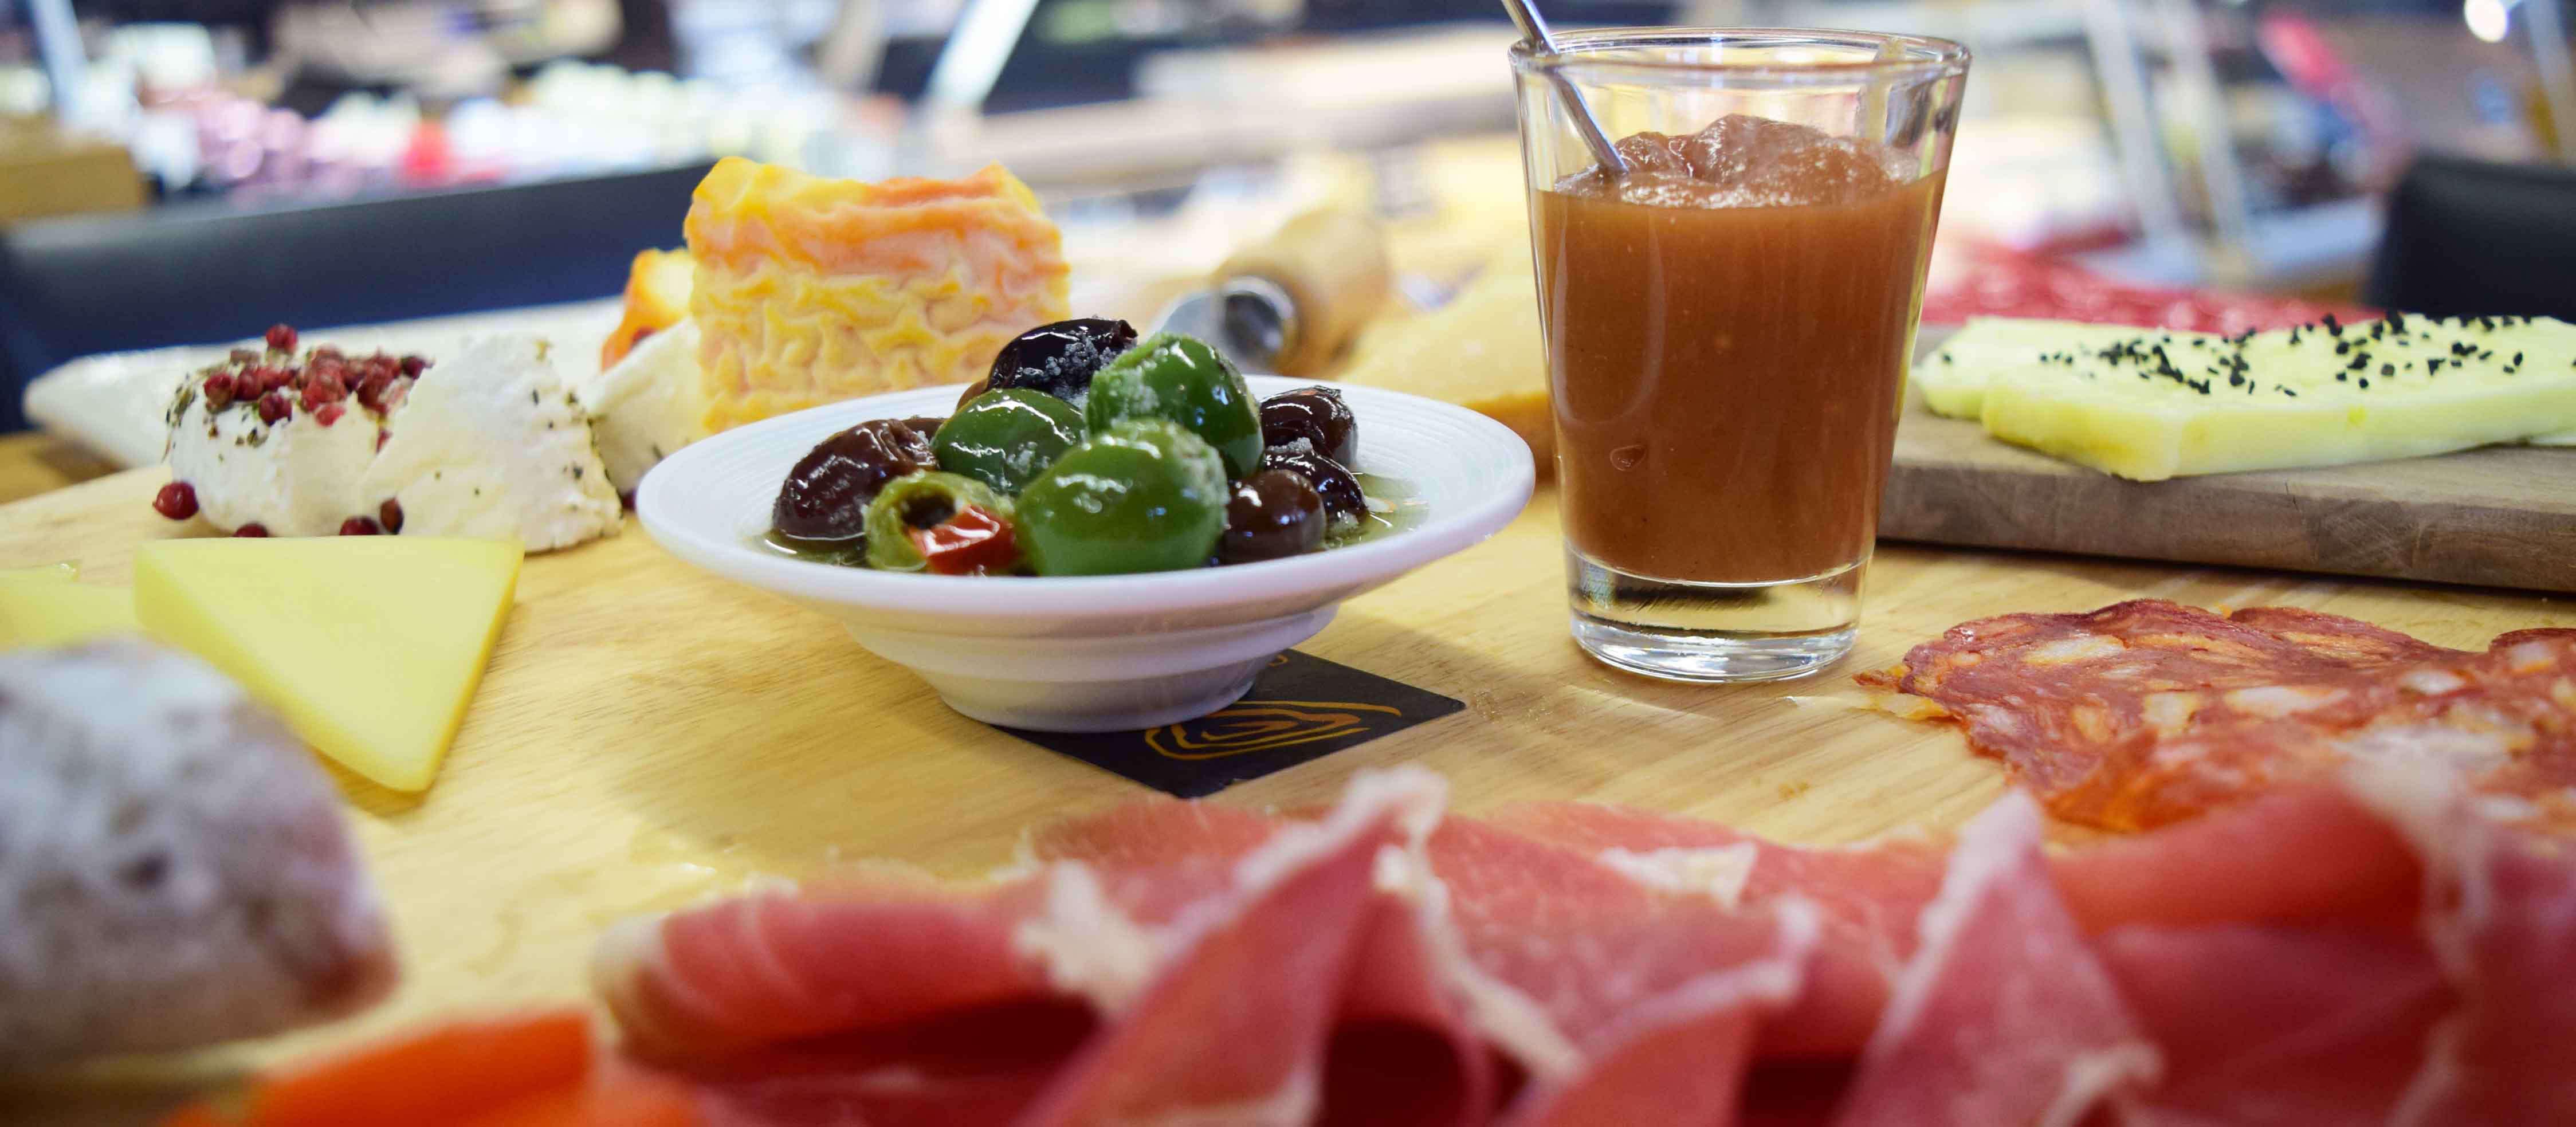 Köstliche Schlemmerplatte mit Schinken-, Wurst- und Käsespezialitäten im Marburger Feinkostladen VITA essentials